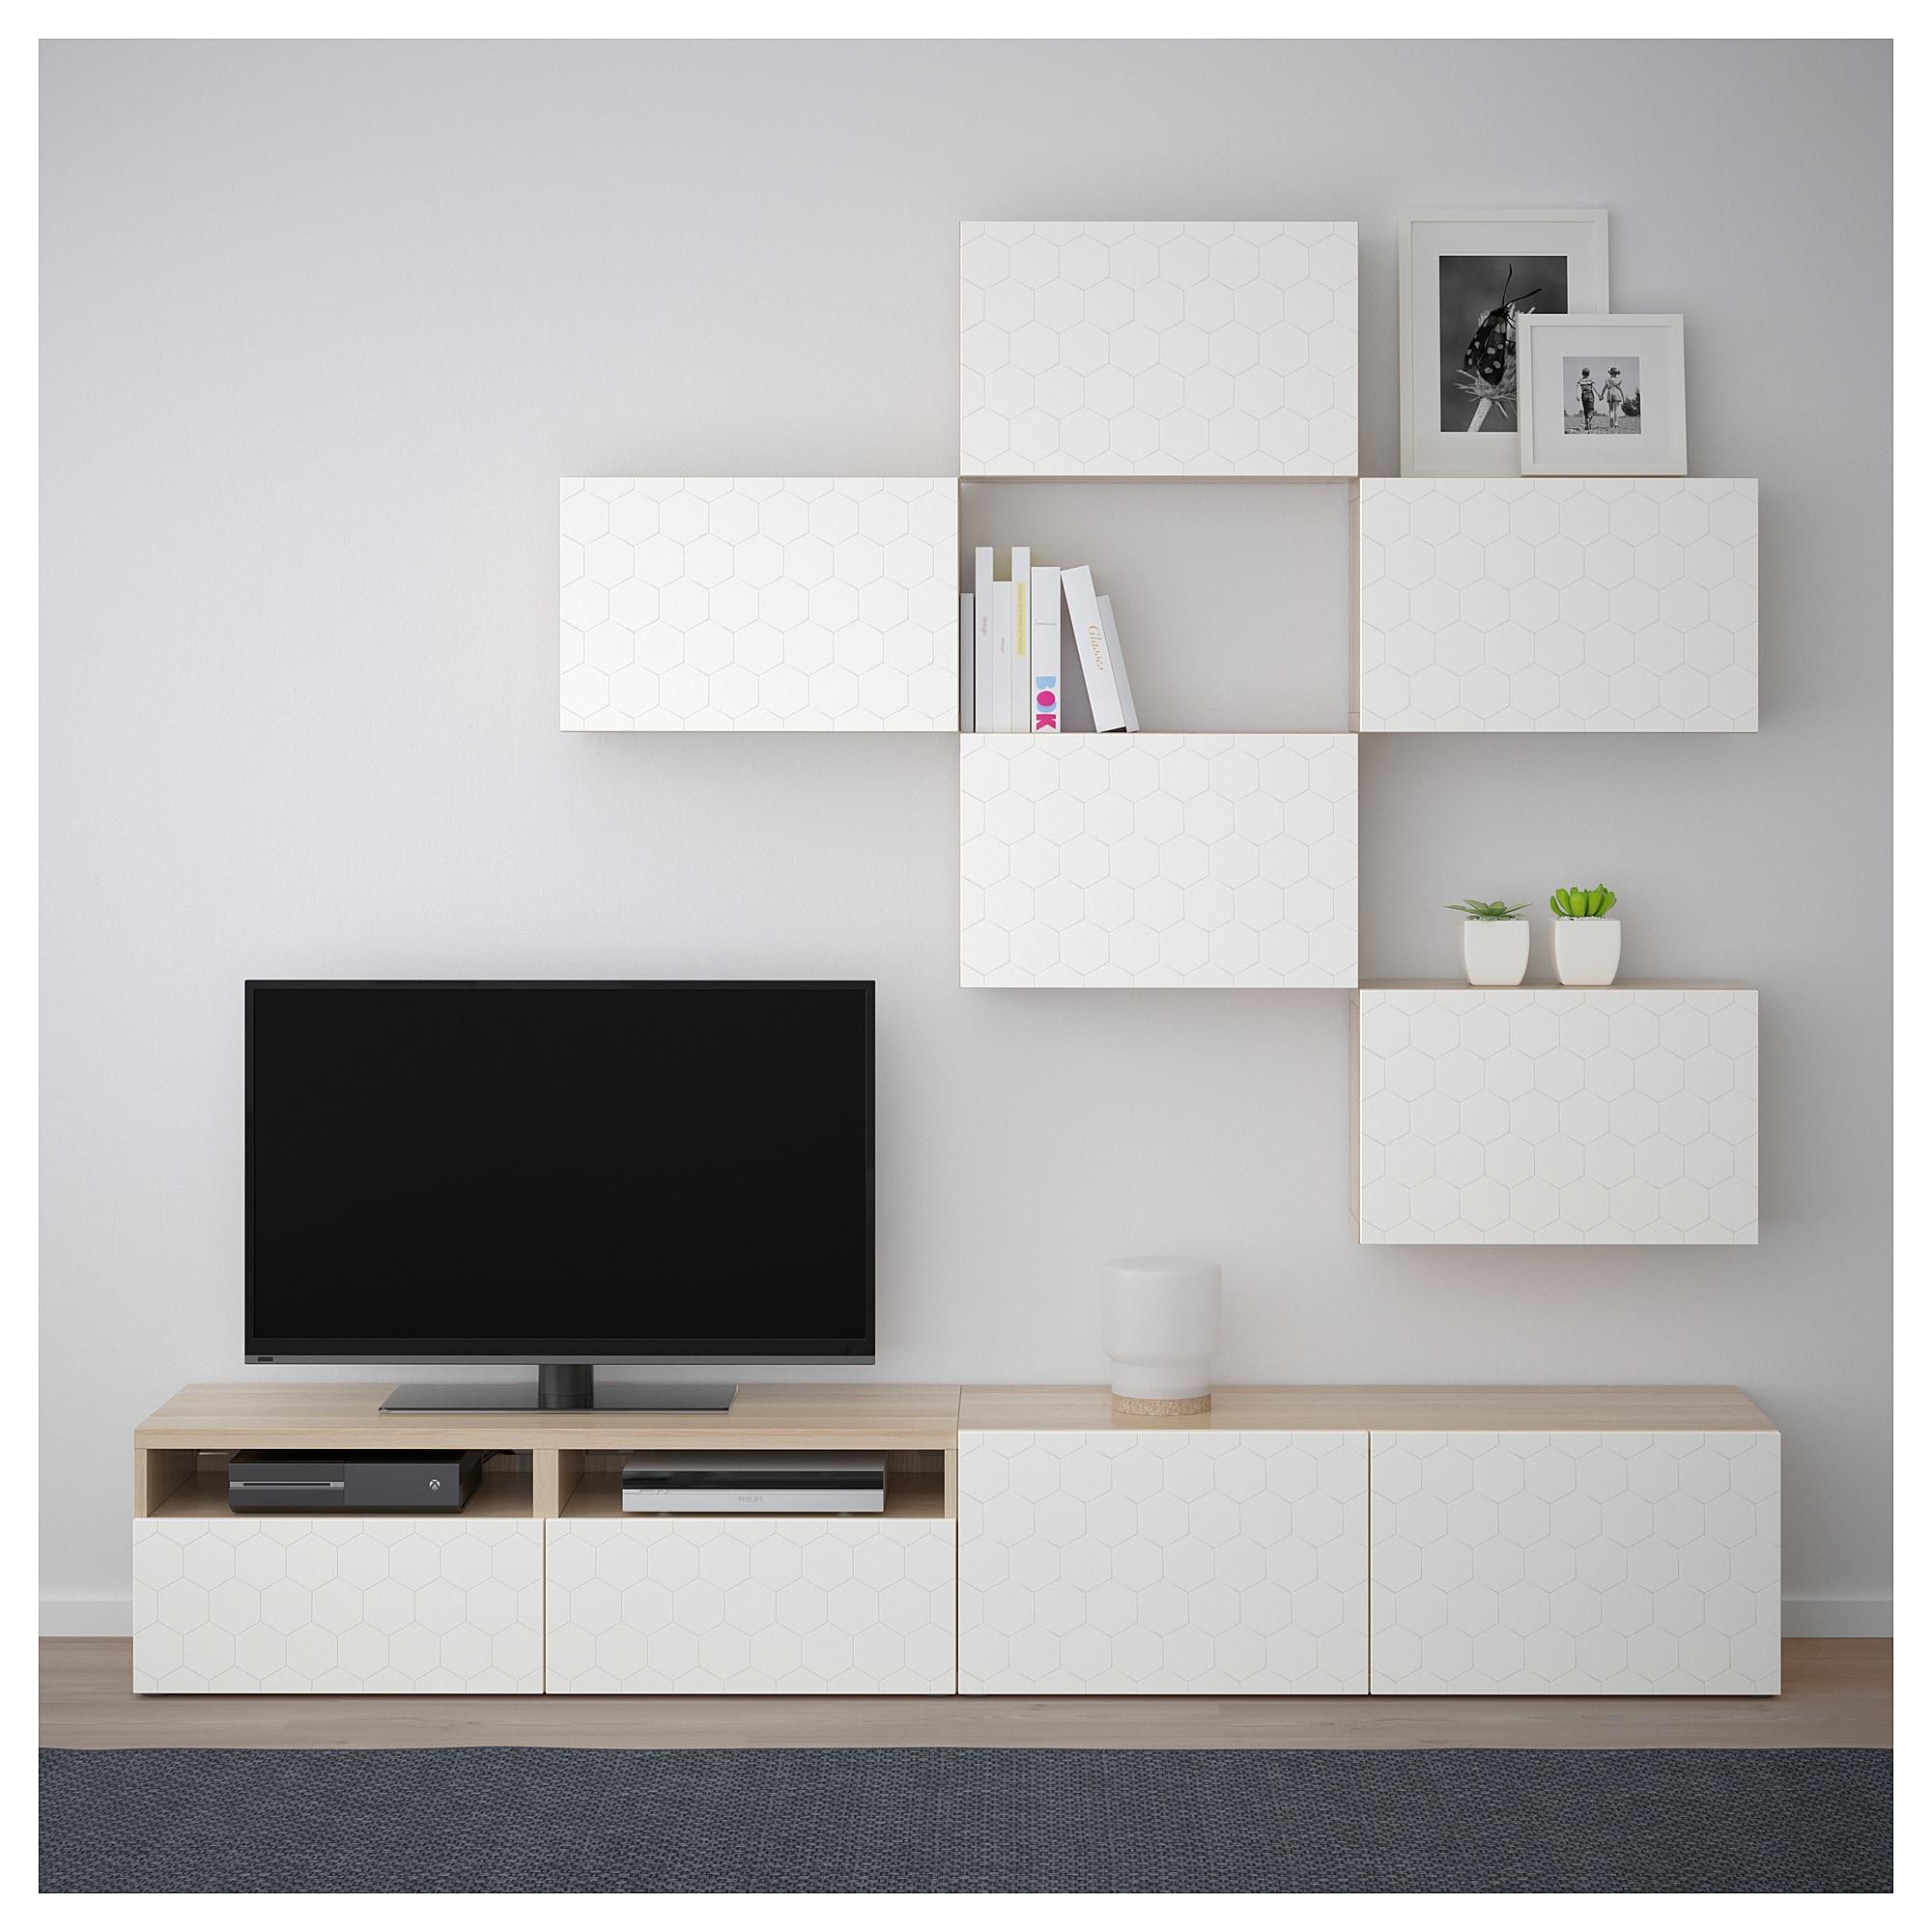 Besta Tv Mobel Kombination Eicheneff Wlas Vassviken Weiss Wohnzimmer Tv Wand Ideen Tv Mobel Wohnzimmer Umgestalten